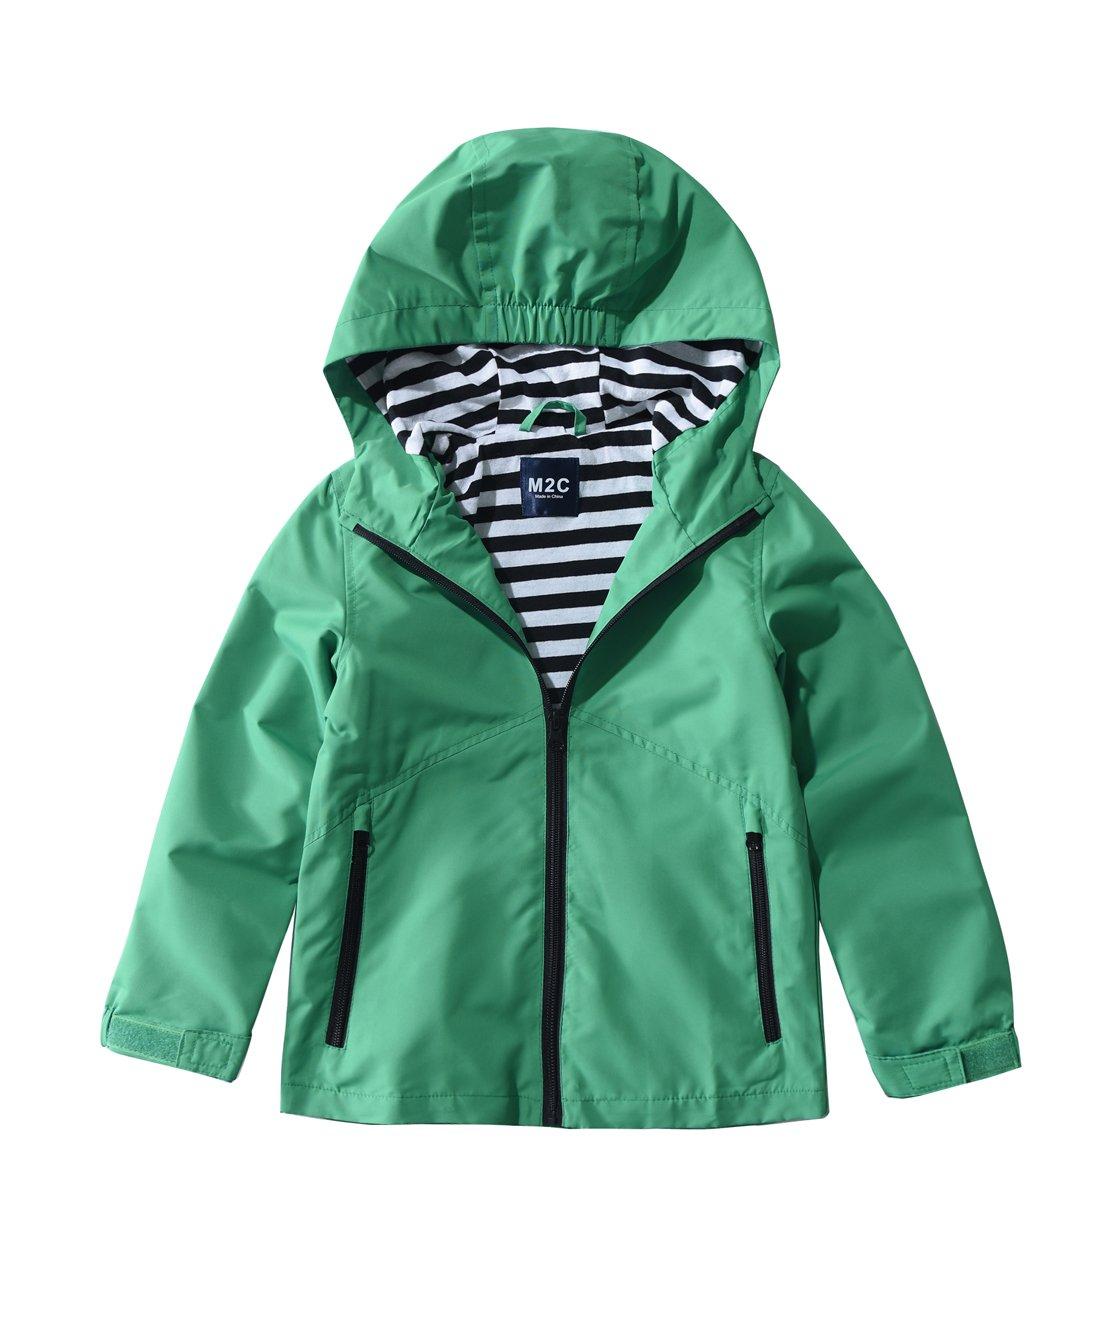 M2C Boys & Girls Hooded Windproof Jacket Light Windbreaker 4T Green